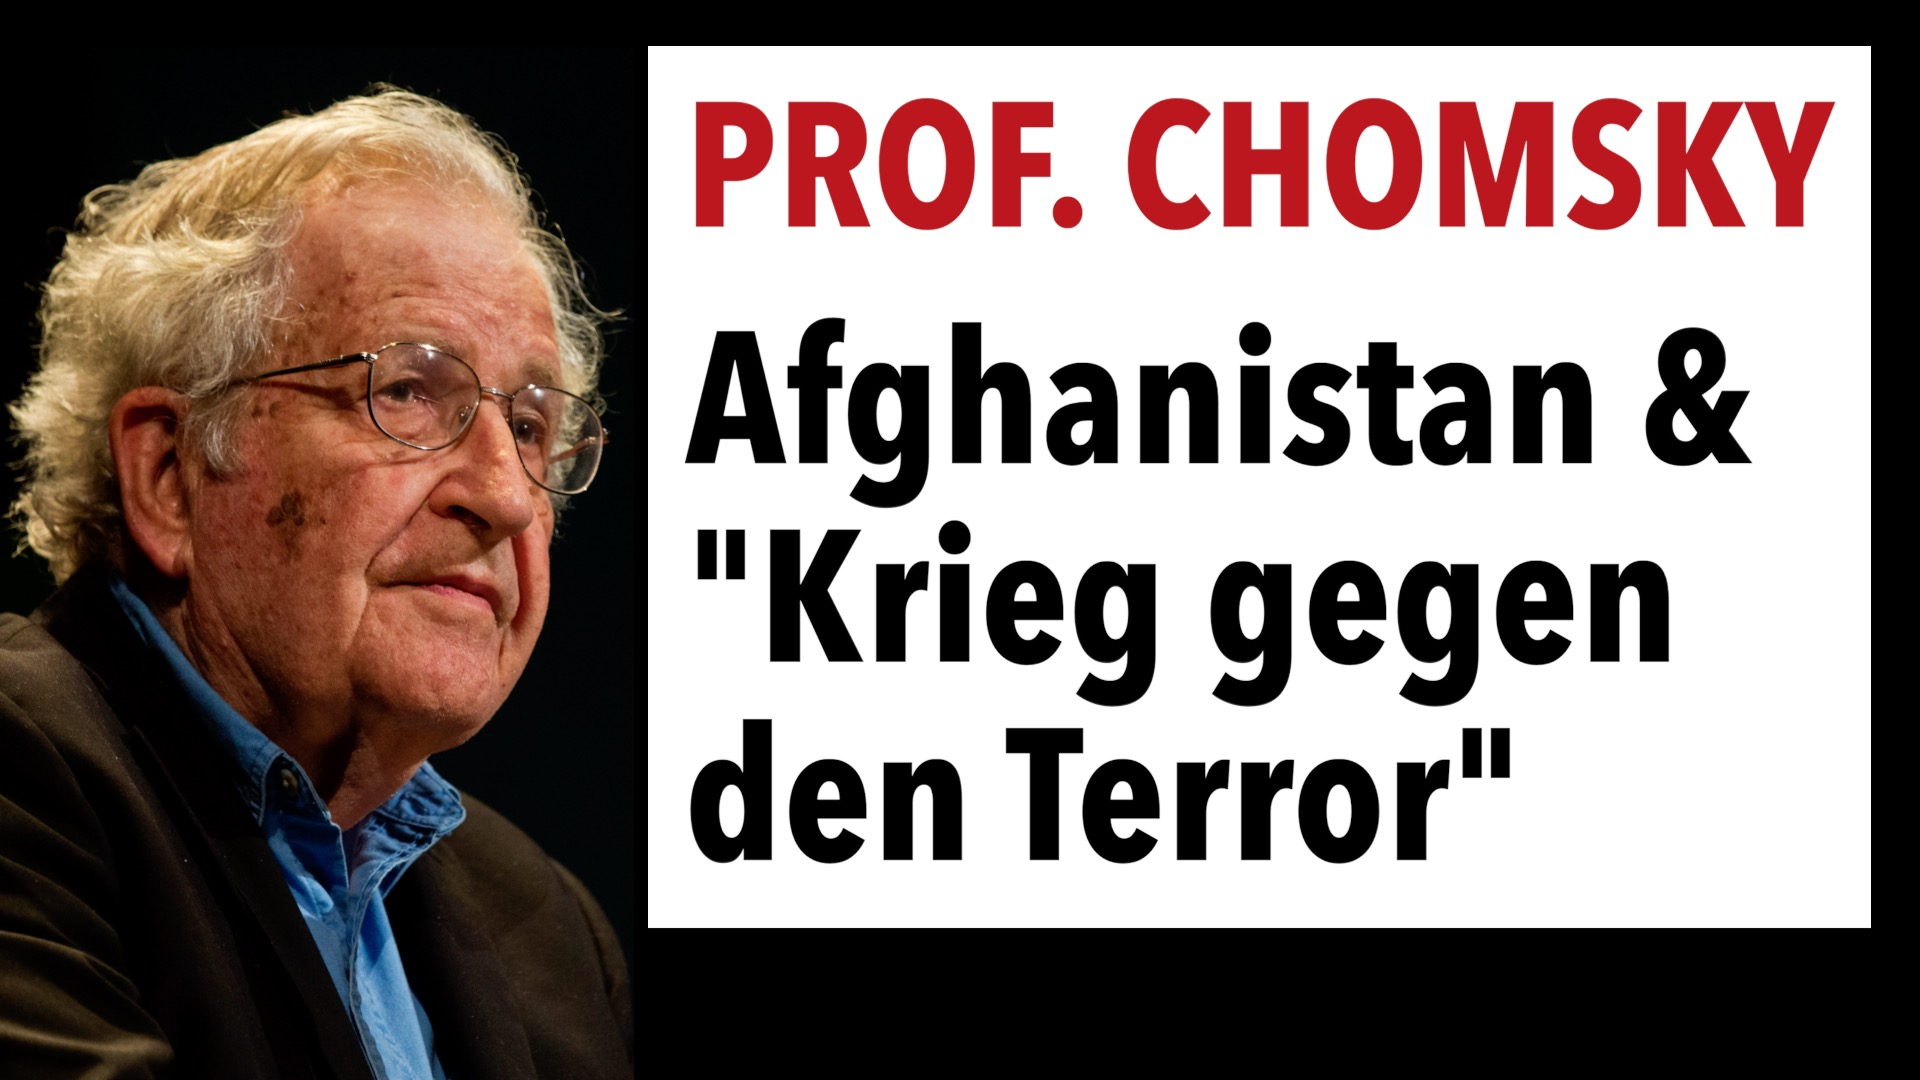 """Noam Chomsky: Der von den USA geführte """"Krieg gegen den Terror"""" hat große Teile der Welt verwüstet Diese Woche vor 20 Jahren entführte die Terrororganisation al-Qaida, deren Ursprünge auf den Einmarsch sowjetischer Truppen in Afghanistan im Jahr 1979 zurückgehen, vier Flugzeuge und verübte in den Vereinigten Staaten Selbstmordattentate auf die Zwillingstürme und das Pentagon. Kurz darauf begann die Regierung von George W. Bush mit einem """"globalen Krieg gegen den Terror"""": Sie marschierten in Afghanistan ein, riefen ein Jahr später, nachdem sie die Taliban-Regierung gestürzt hatten, das Schreckgespenst der """"Achse des Bösen"""" ins Leben, bestehend aus dem Irak, dem Iran und Nordkorea, und ebneten so den Weg für weitere Invasionen. Interessanterweise wurde Saudi-Arabien, dessen königliche Familie nach gewissen Geheimdienstberichten al-Qaida finanziert hatte, nicht in die Liste aufgenommen. Stattdessen war es der Irak, in den die USA 2003 einmarschierten, und stürzten dabei einen brutalen Diktator (Saddam Hussein), der die meisten seiner Verbrechen als Verbündeter der USA begangen hatte und ein erklärter Gegner von al-Qaida und anderen islamisch-fundamentalistischen Terrororganisationen war, da diese eine Gefahr für sein säkulares Regime darstellten. Das Ergebnis des 20-jährigen Krieges gegen den Terror, der mit der Wiederergreifung der Macht der Taliban endete, war in vielerlei Hinsicht katastrophal, wie Noam Chomsky in einem exzellenten Interview treffend beschriebt, das auch die immense Heuchelei offenlegt, die den Handlungen des globalen Imperiums zugrunde liegt. Dieser Artikel erschien ursprünglich auf Truthout am 8. September 2021. Wir haben uns entschieden, ihn heute zu übersetzen und neu zu veröffentlichen, um die Meinungsvielfalt auf lokaler Ebene zu fördern. Um die Abschrift dieses Videos zu lesen: Noam Chomsky - Der von den USA geführte Krieg gegen den Terror hat große Teile der Welt verwüstet VIDEO: Noam Chomsky: Der von den USA geführte """"Krieg gegen den Terror"""